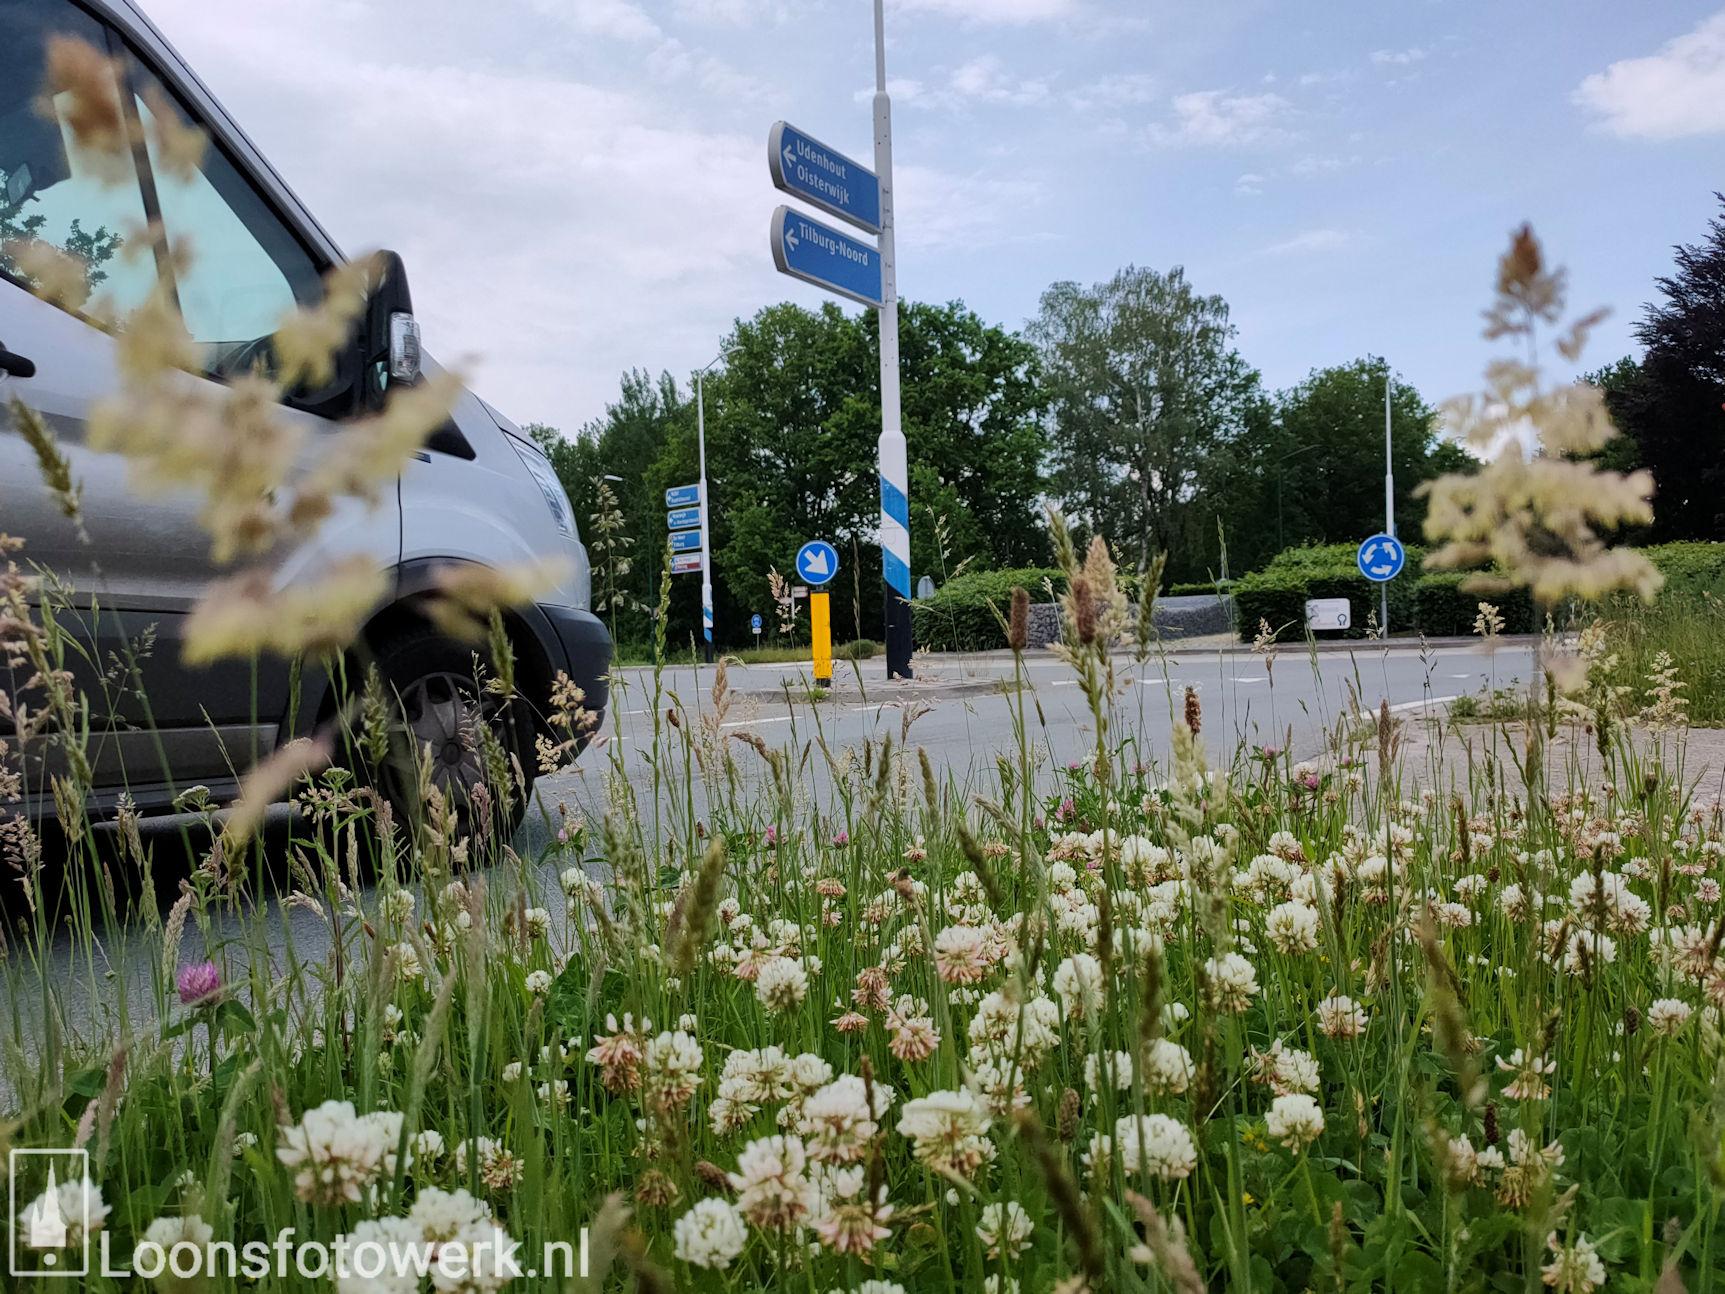 Rotonde Kasteellaan – Kasteelhoevenweg, juni 8